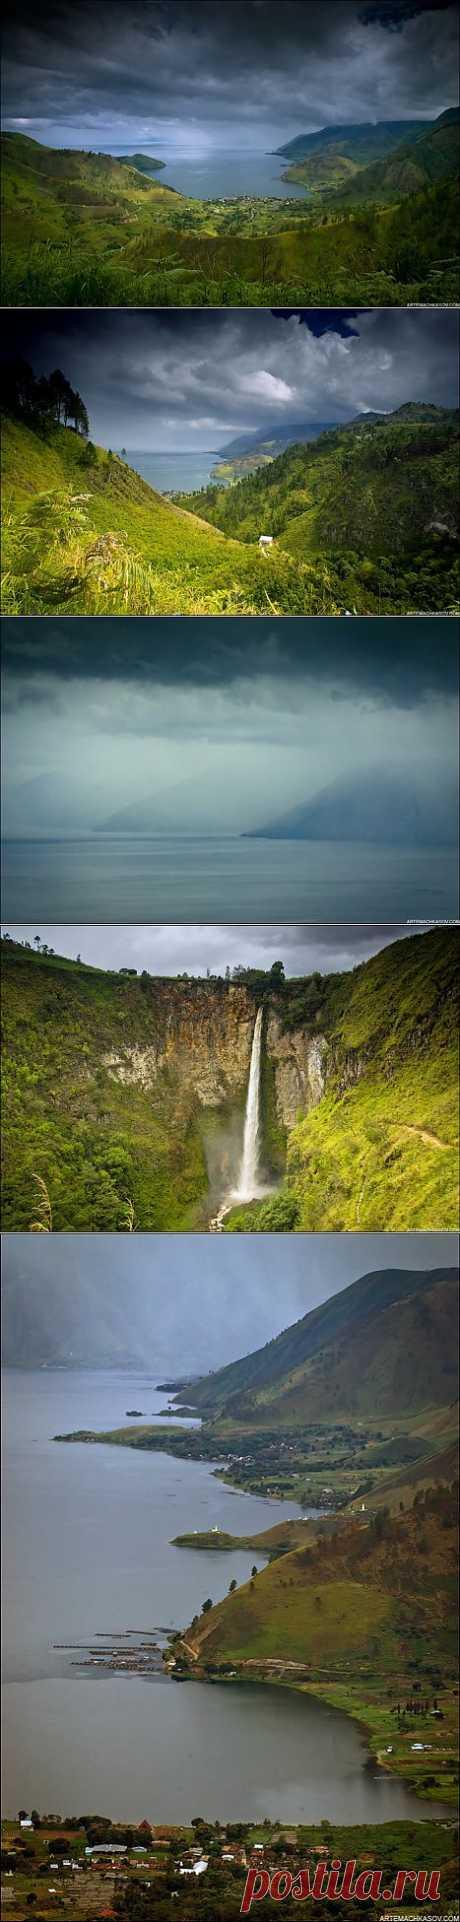 (+1) тема - Самое большое в мире вулканическое озеро | ТУРИЗМ И ОТДЫХ